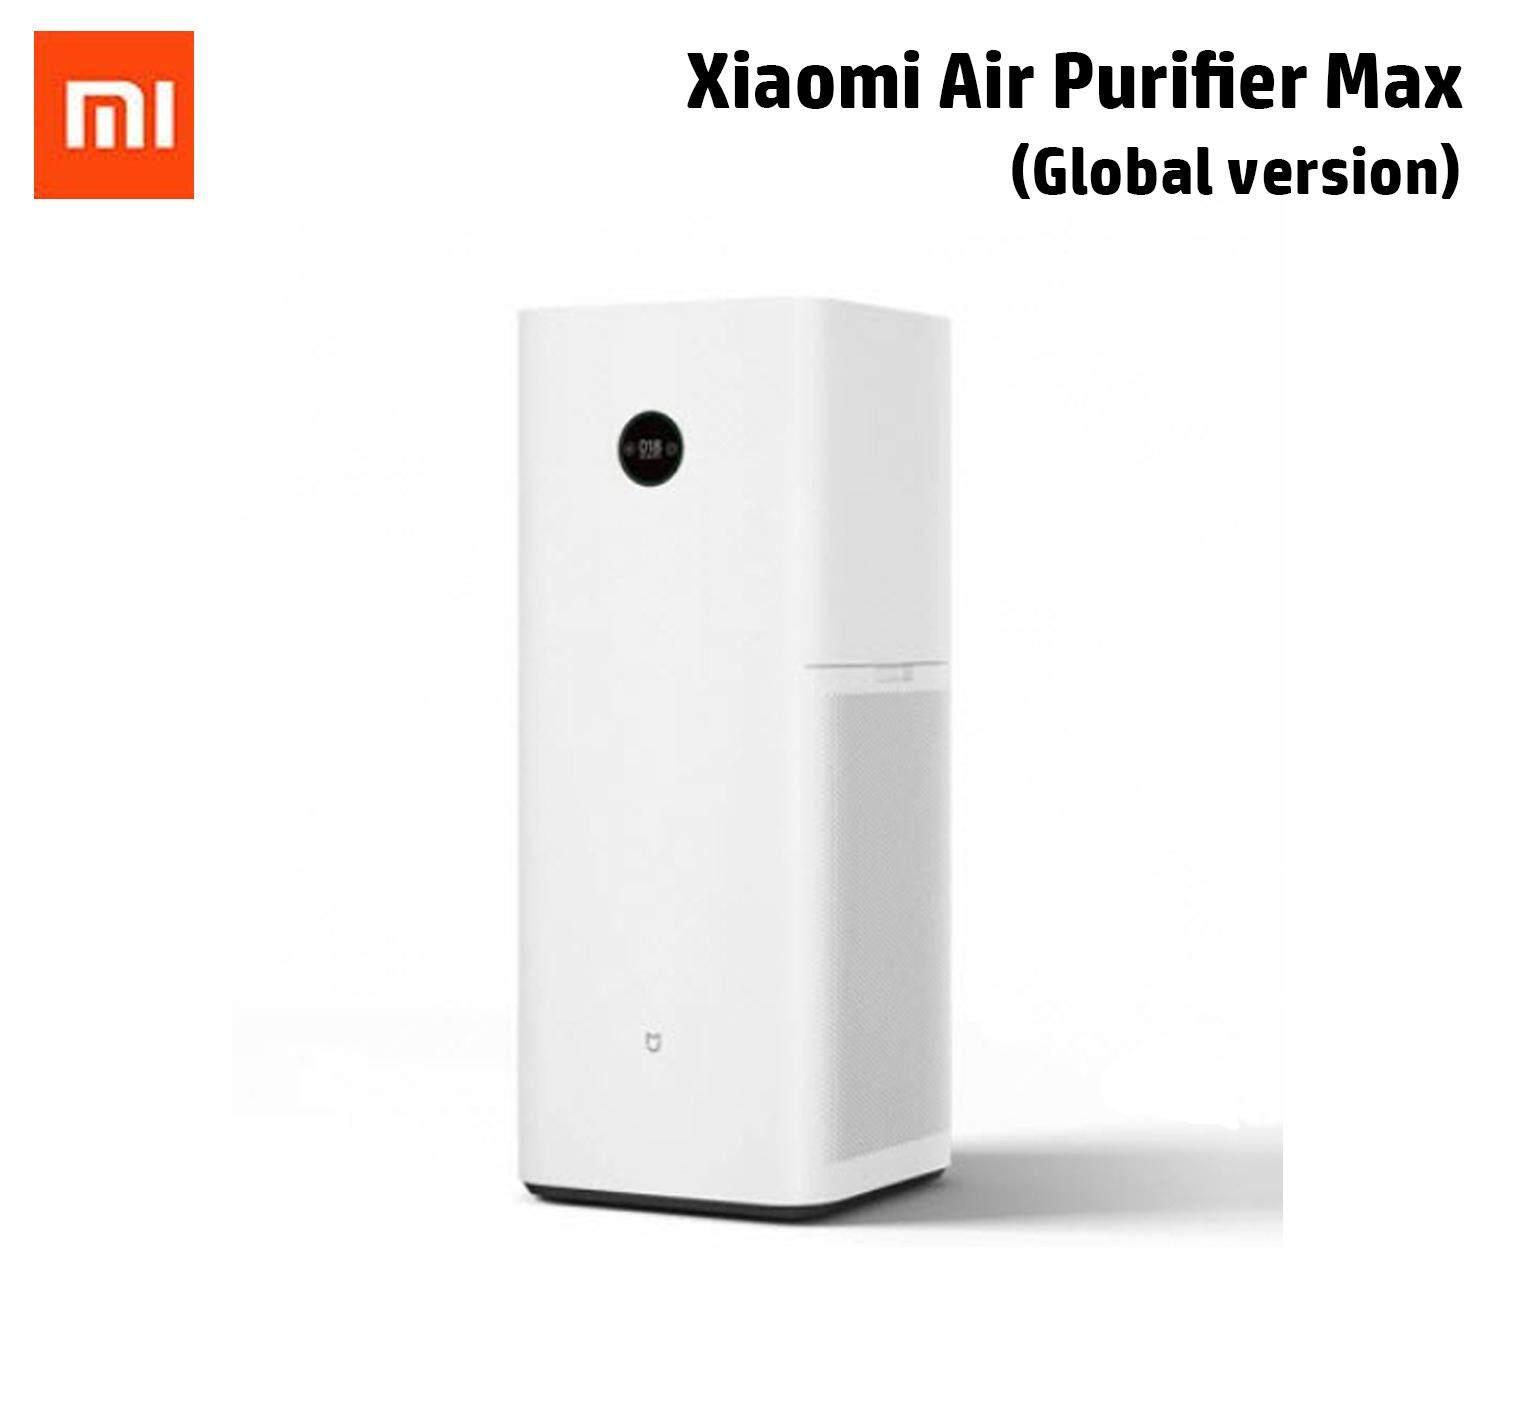 การใช้งาน  น่าน Xiaomi Air Purifier Max เครื่องฟอกอากาศ ประกันศูนย์ไทย วีเซิร์ฟพลัส 1 ปี